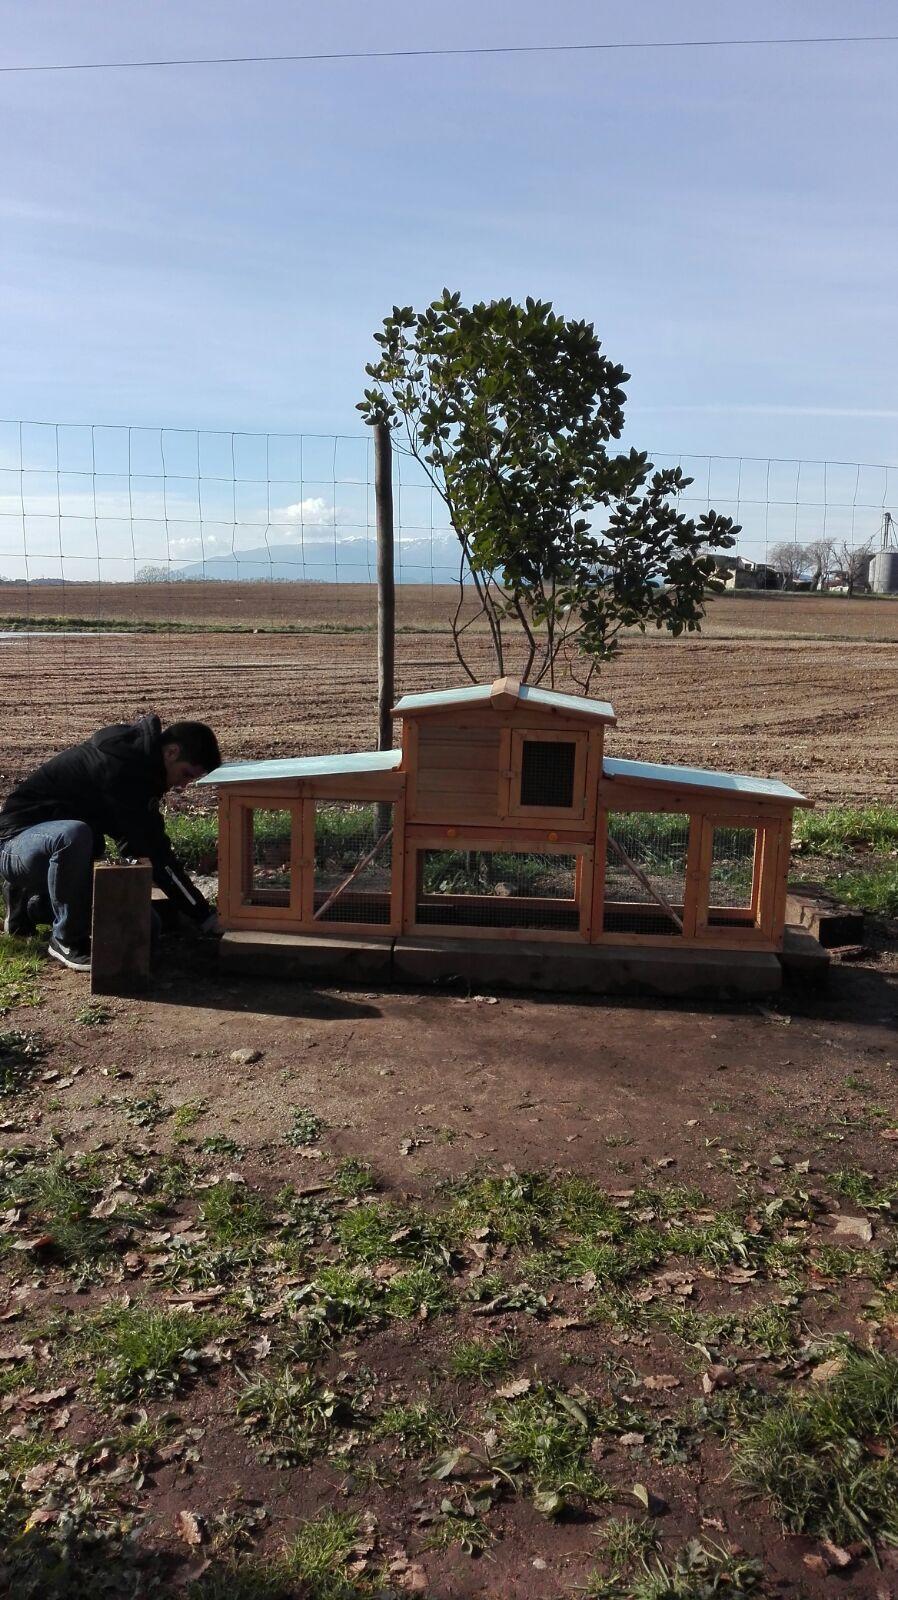 noi construint caseta conills picnic les 3 flors